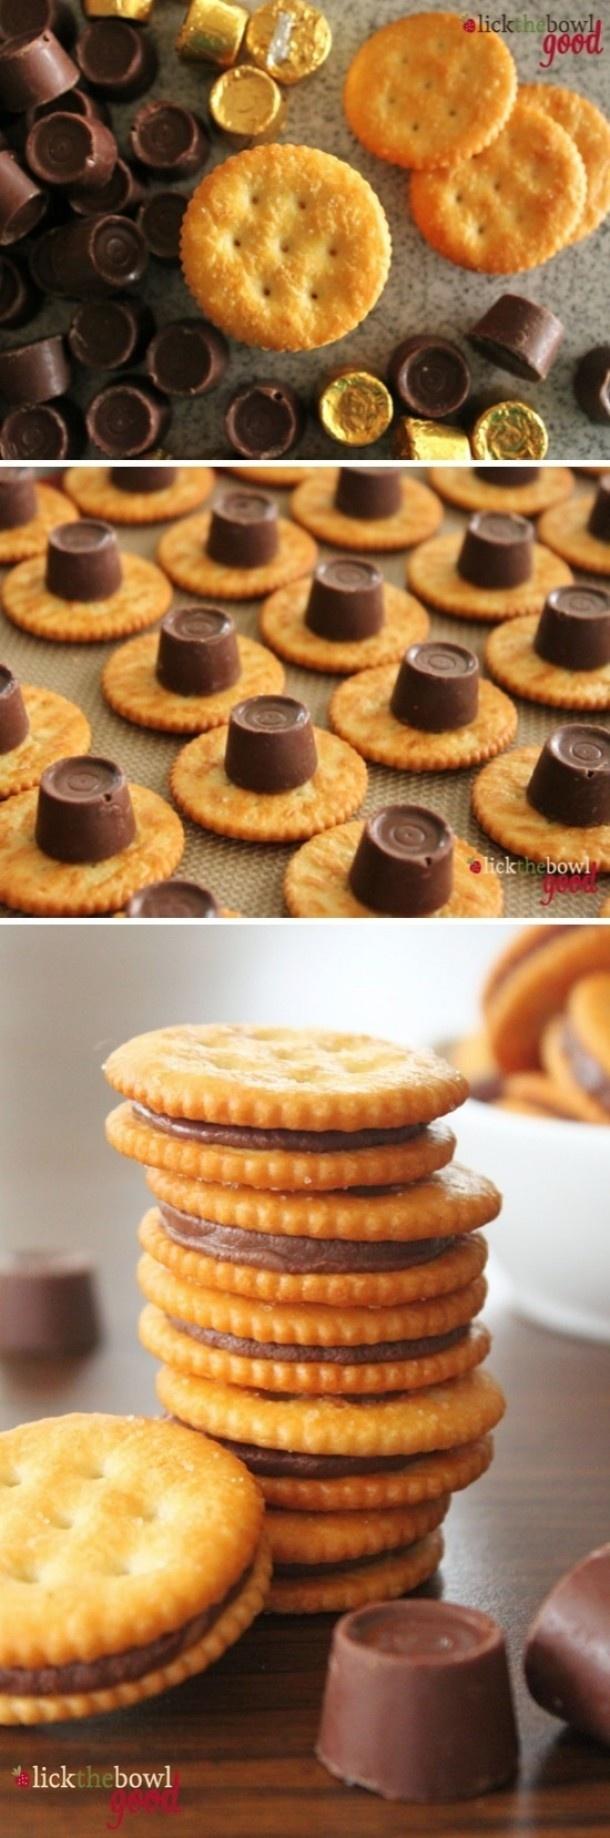 Mmmm, Rolo-koekjes! Koekje met Rolo erop in de oven, laten afkoelen en smullen maar...